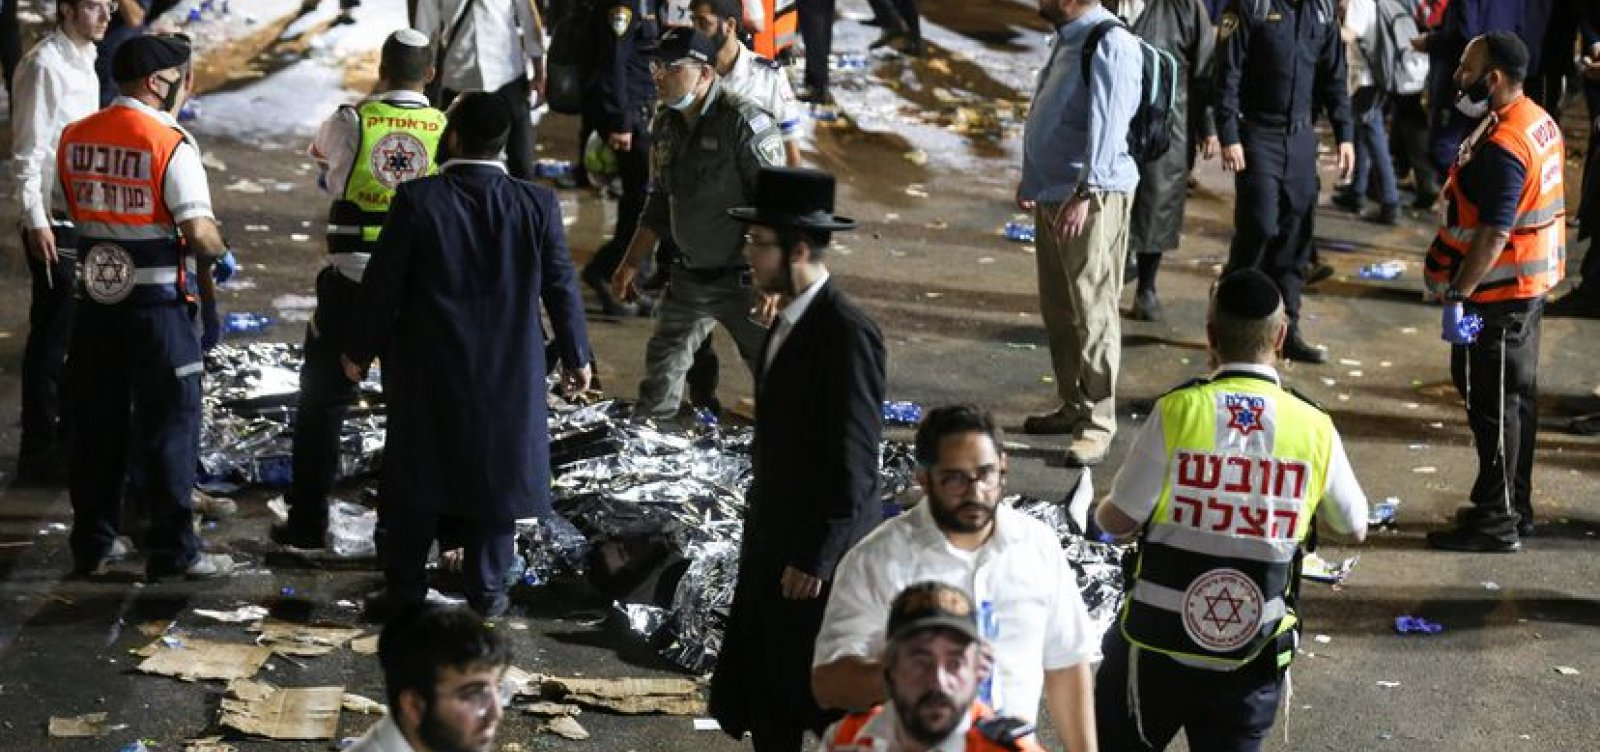 Itamaraty manifesta pesar por mortes durante celebração religiosa em Israel